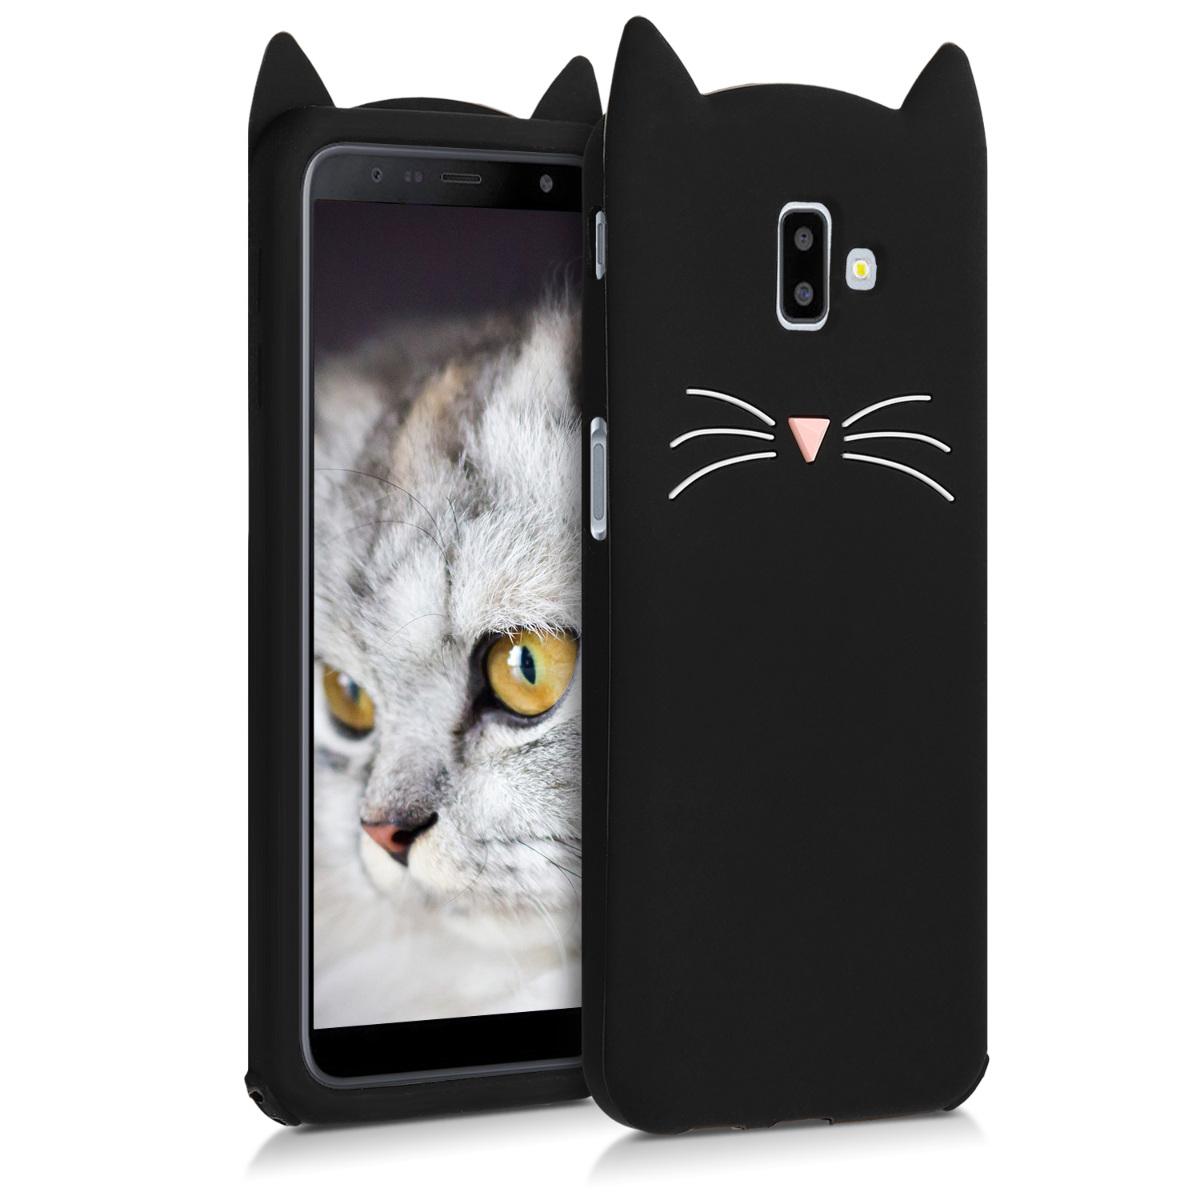 Černé silikonové kočička pouzdro | obal pro Samsung Galaxy J6+ / J6 Plus DUOS